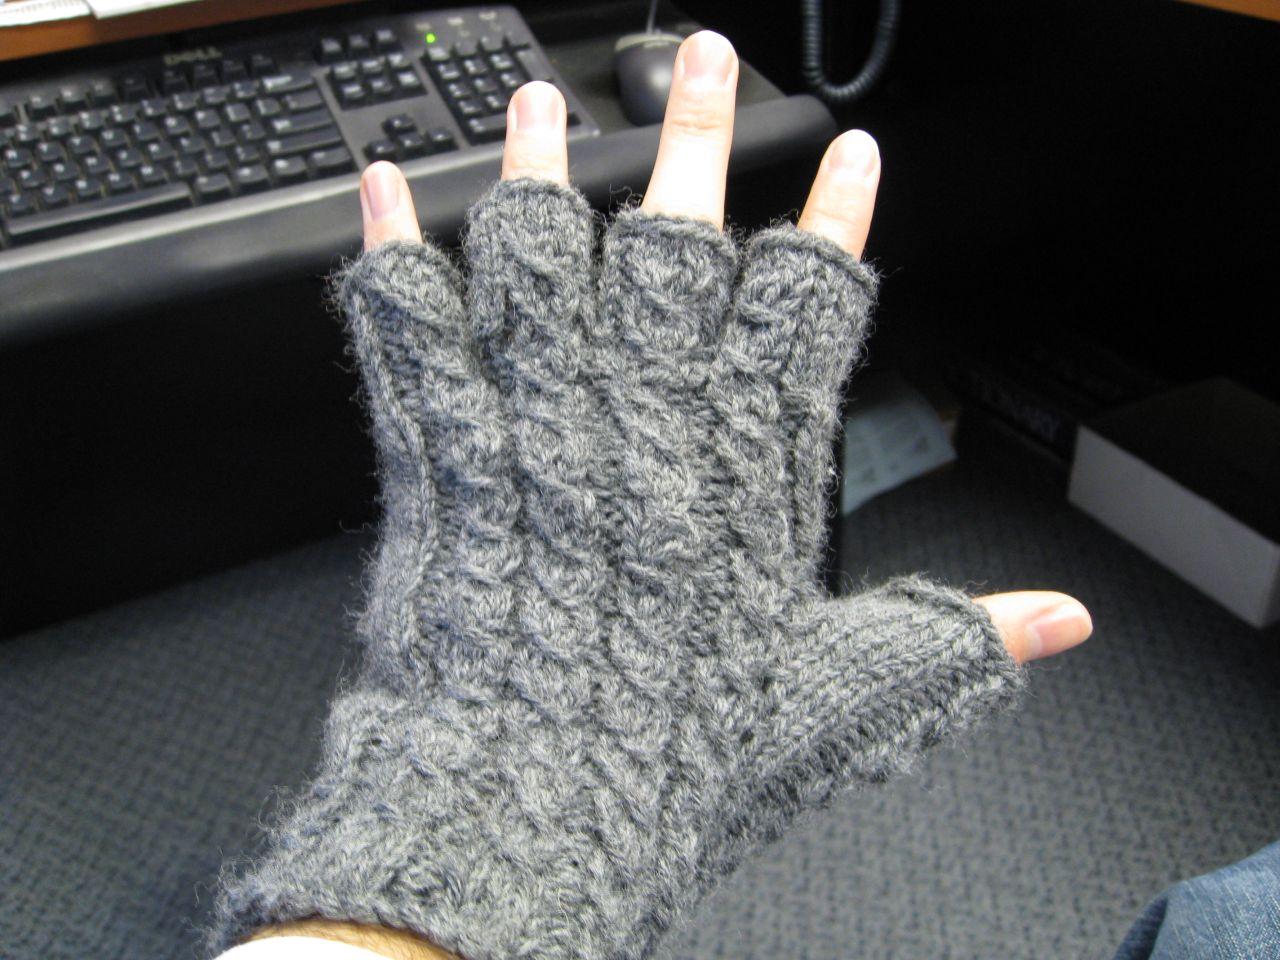 photo credit: voteprime Back of Glove via photopin (license)